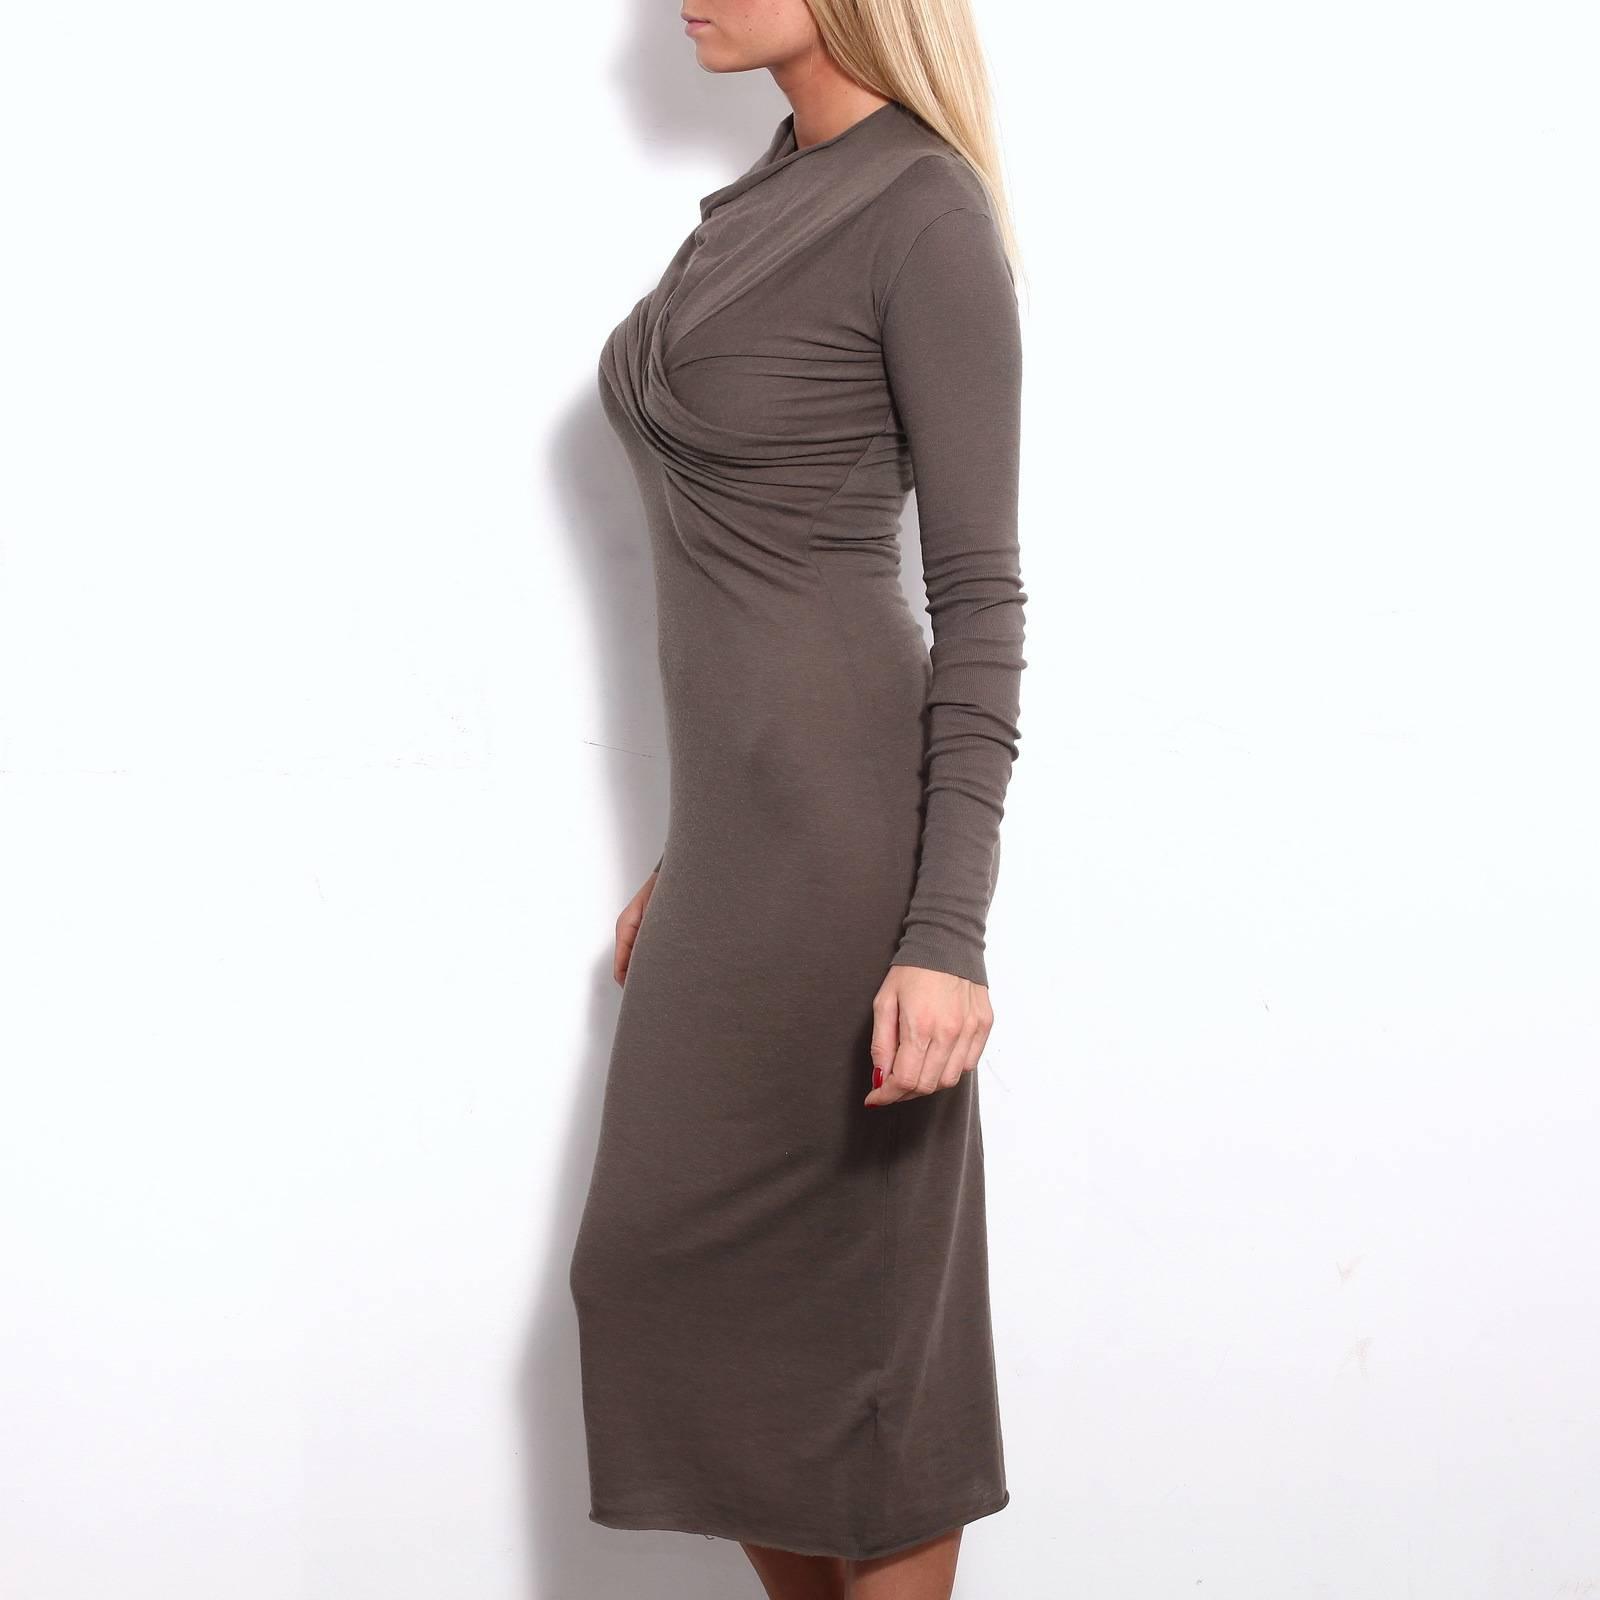 Купить платье Lilies Rick Owens в Москве с доставкой по цене 6300 ... 12e5c488344